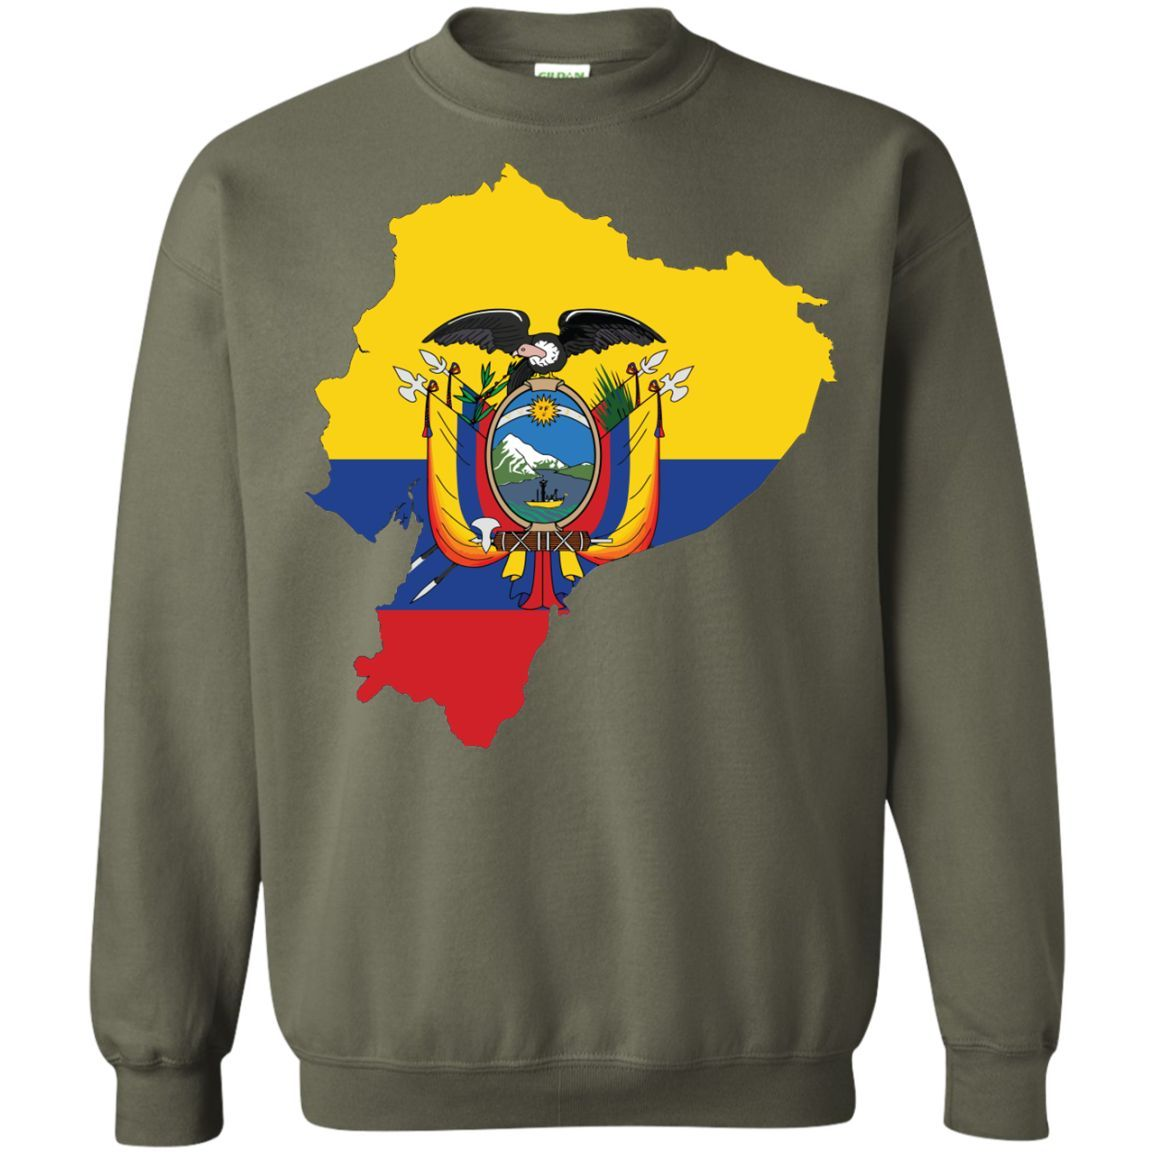 ecuador flag -01 Printed Crewneck Pullover Sweatshirt 8 oz